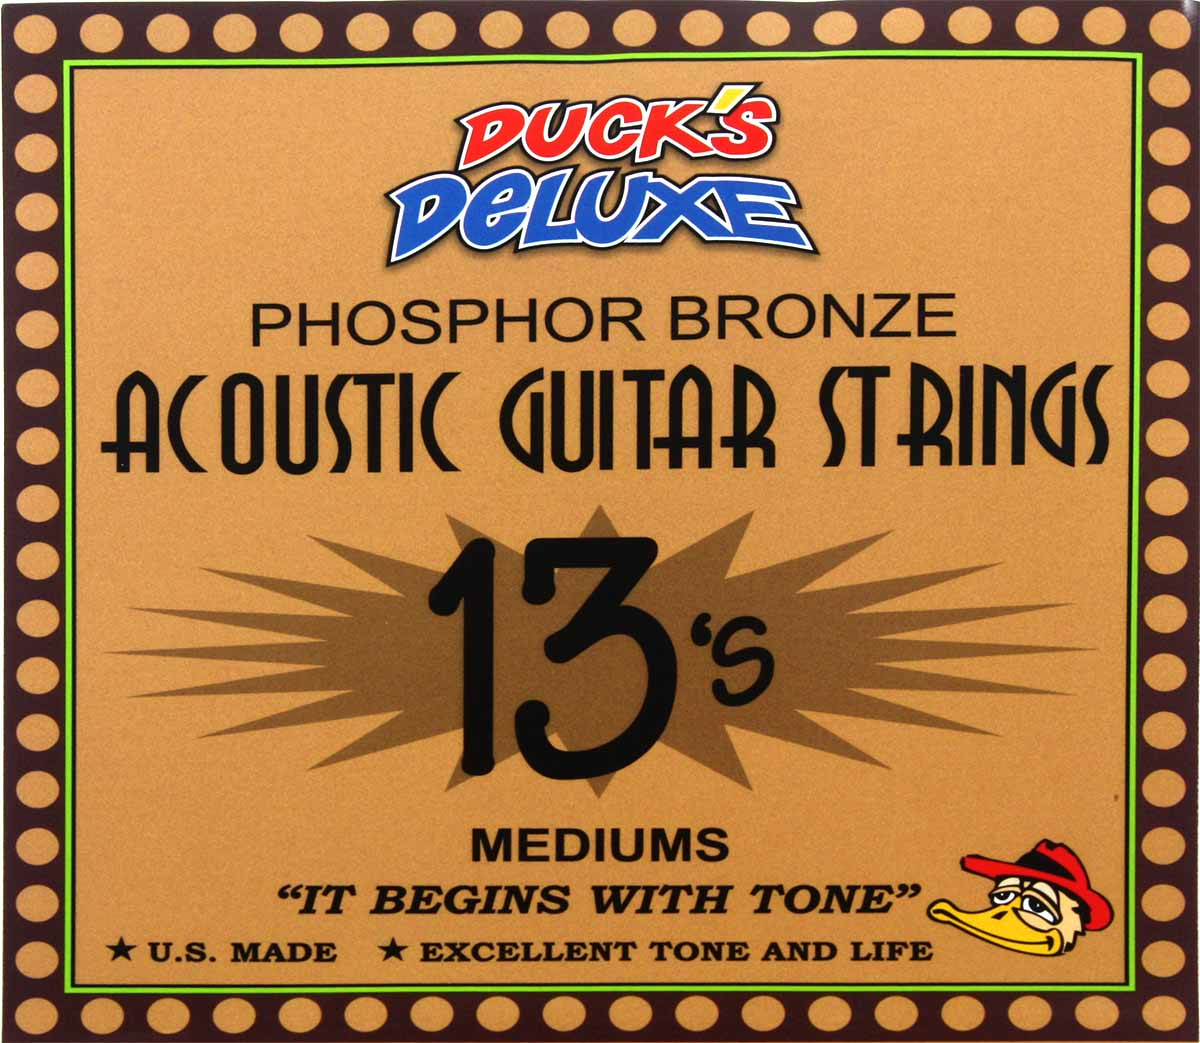 dr duck 39 s medium phosphor bronze guitar strings 013 056. Black Bedroom Furniture Sets. Home Design Ideas